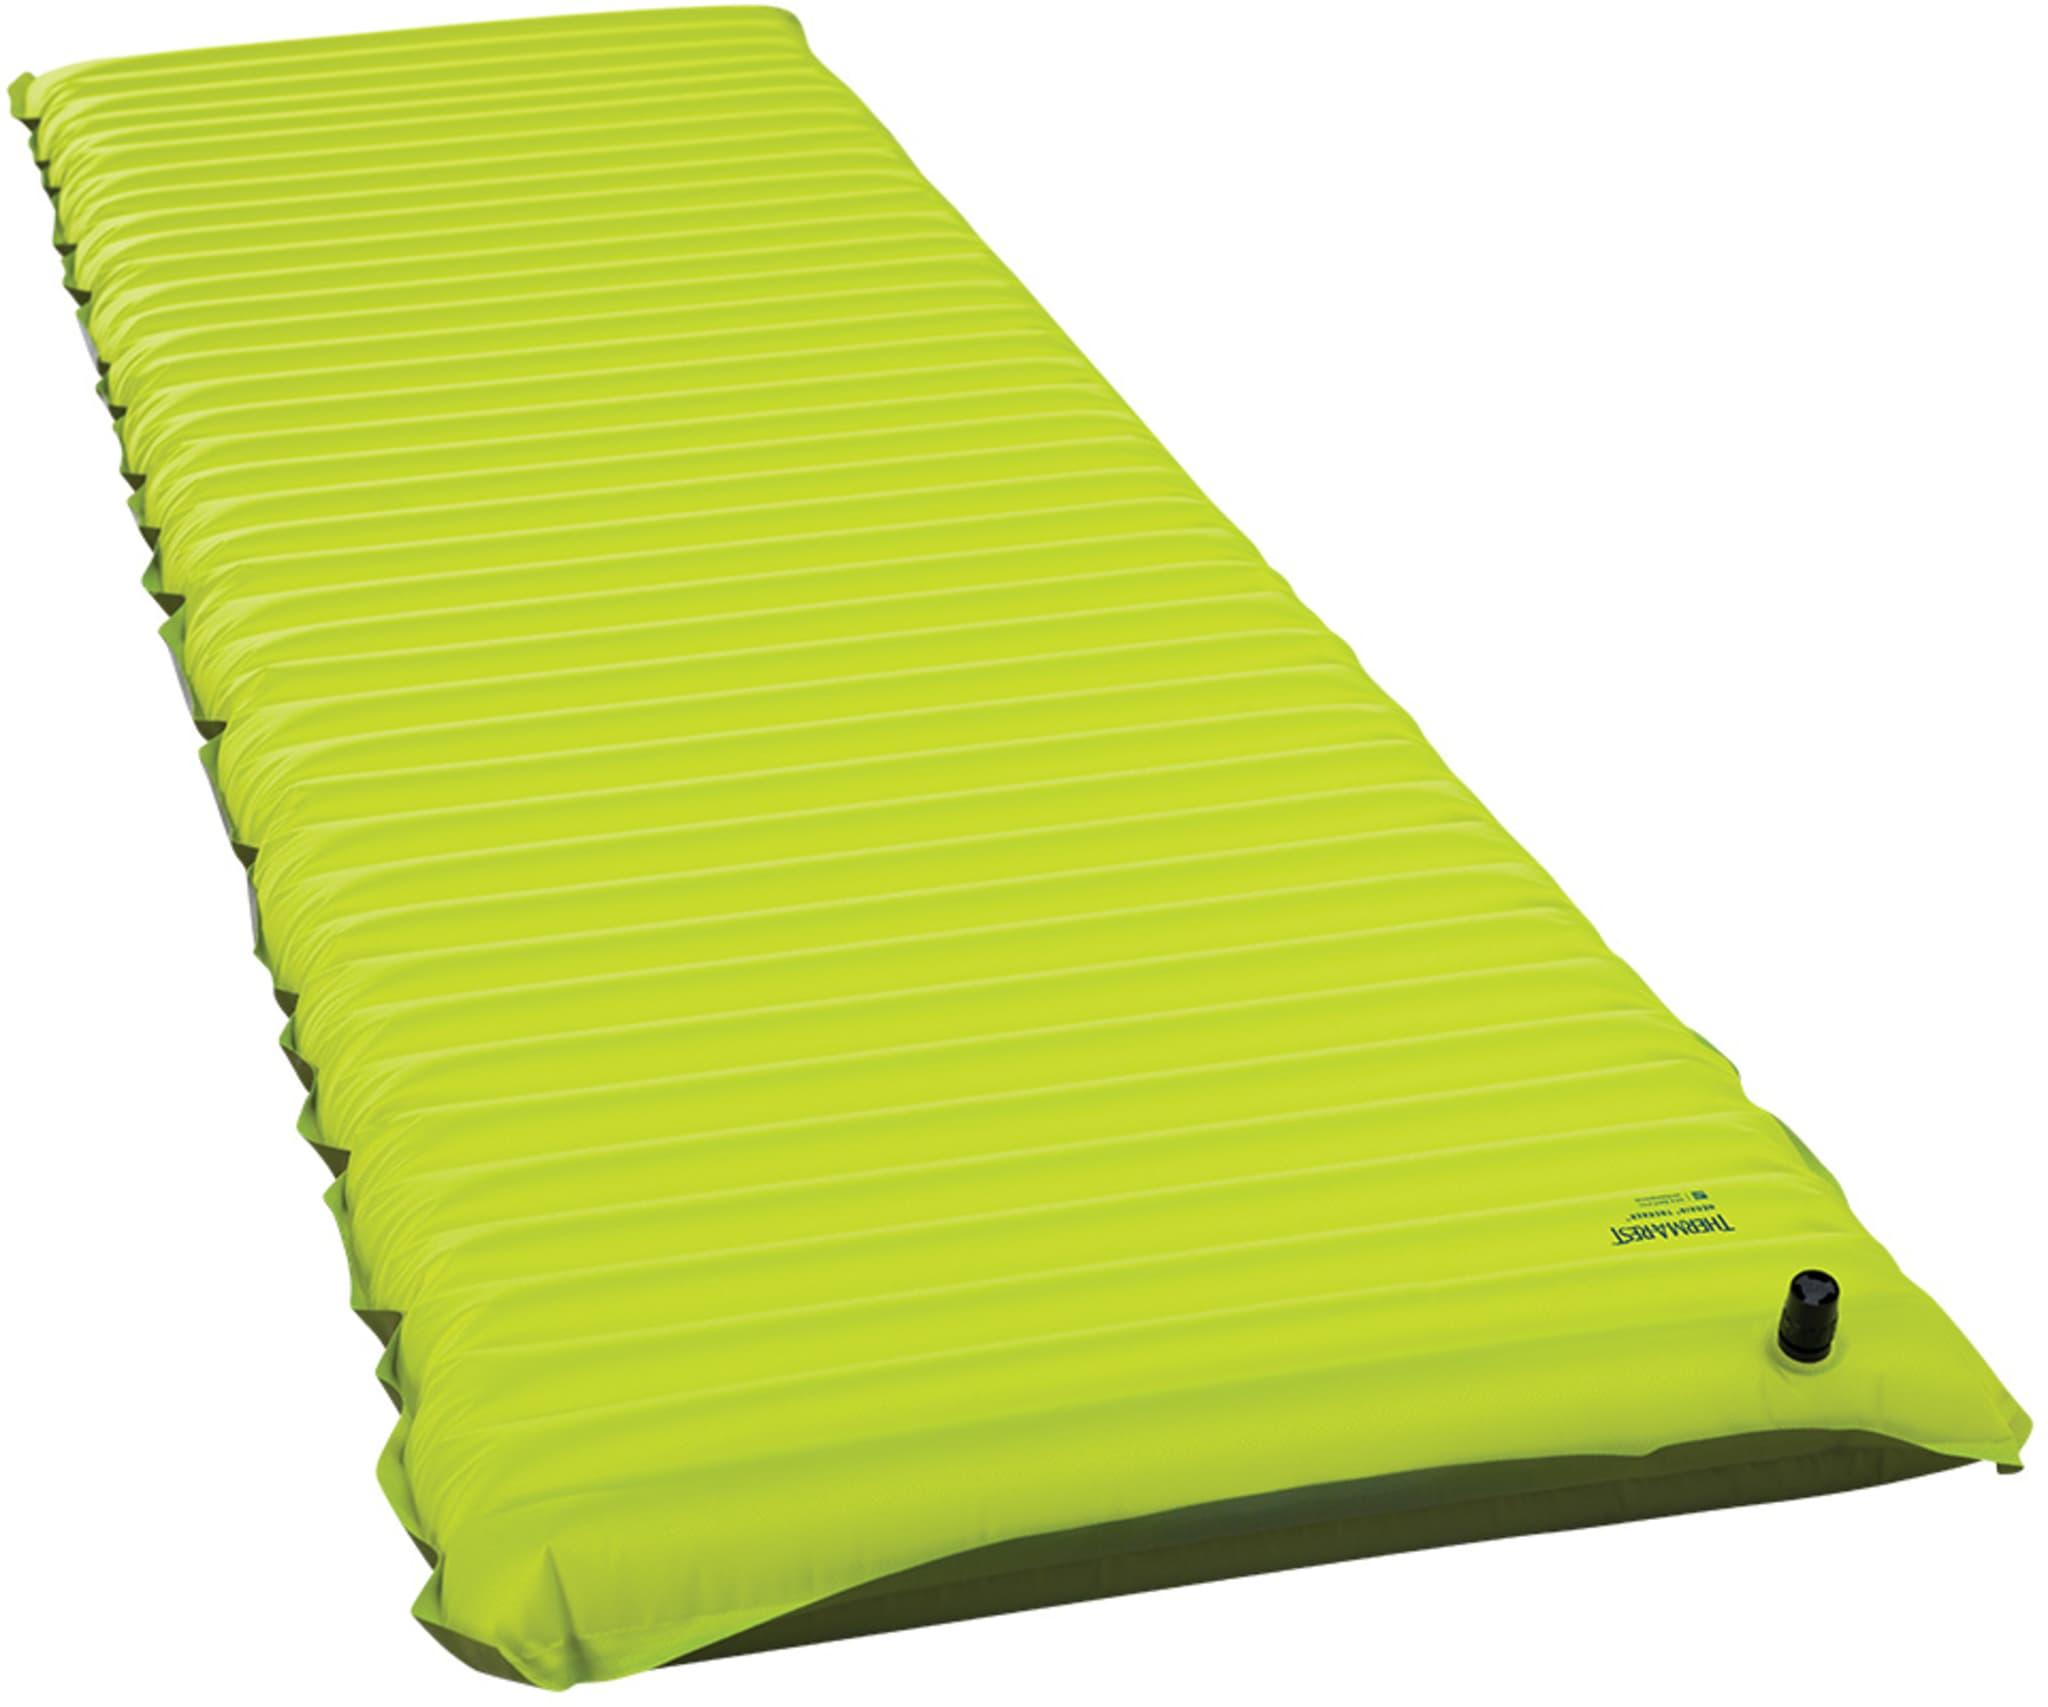 Lett og kompakt liggeunderlag til bruk vår, sommer og høst